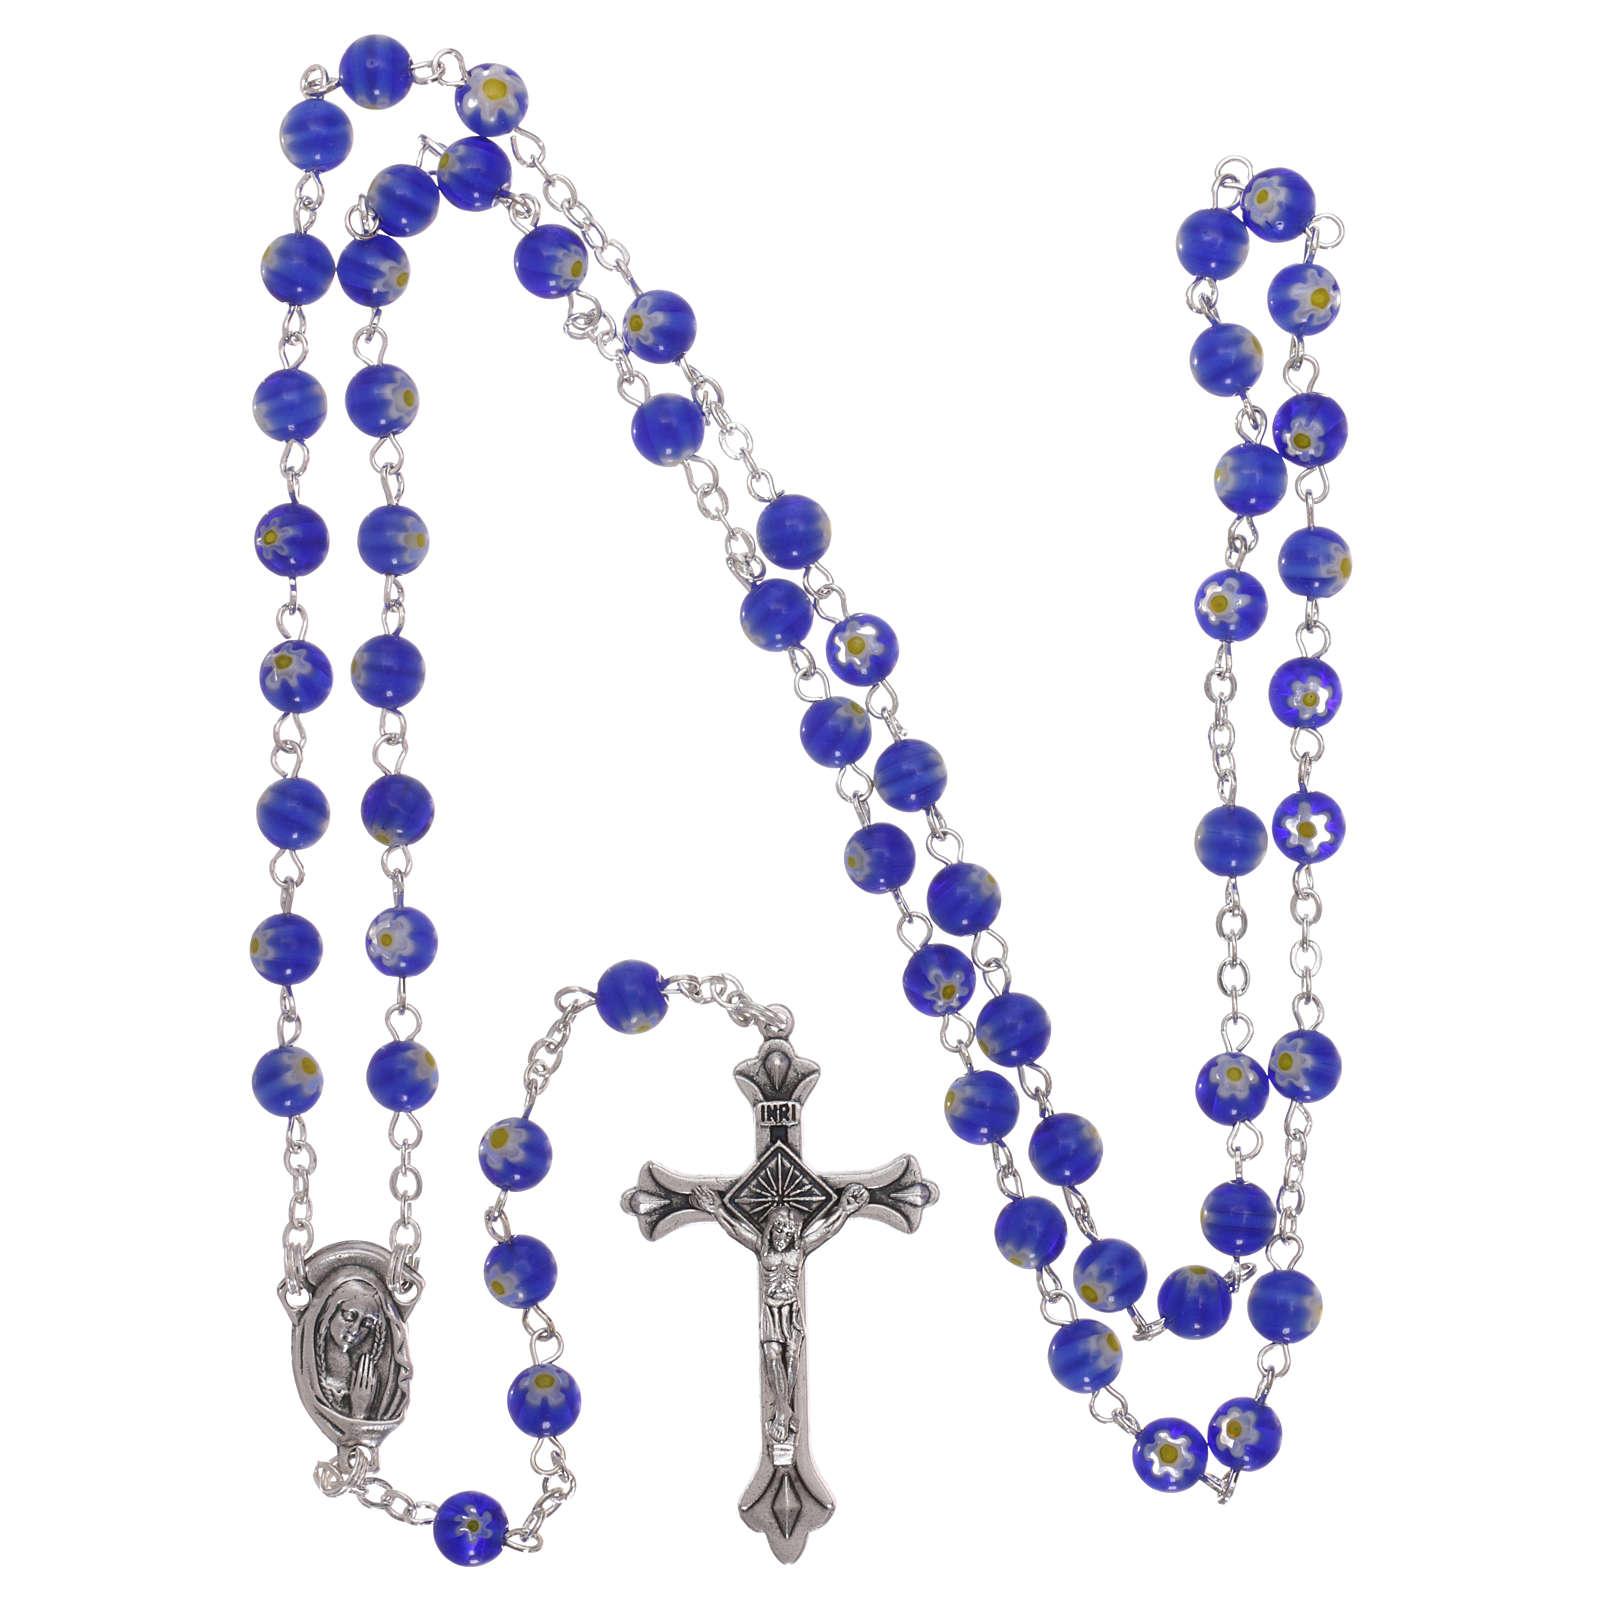 Rosario in vetro nello stile murrina blu con motivi floreali 6 mm 4